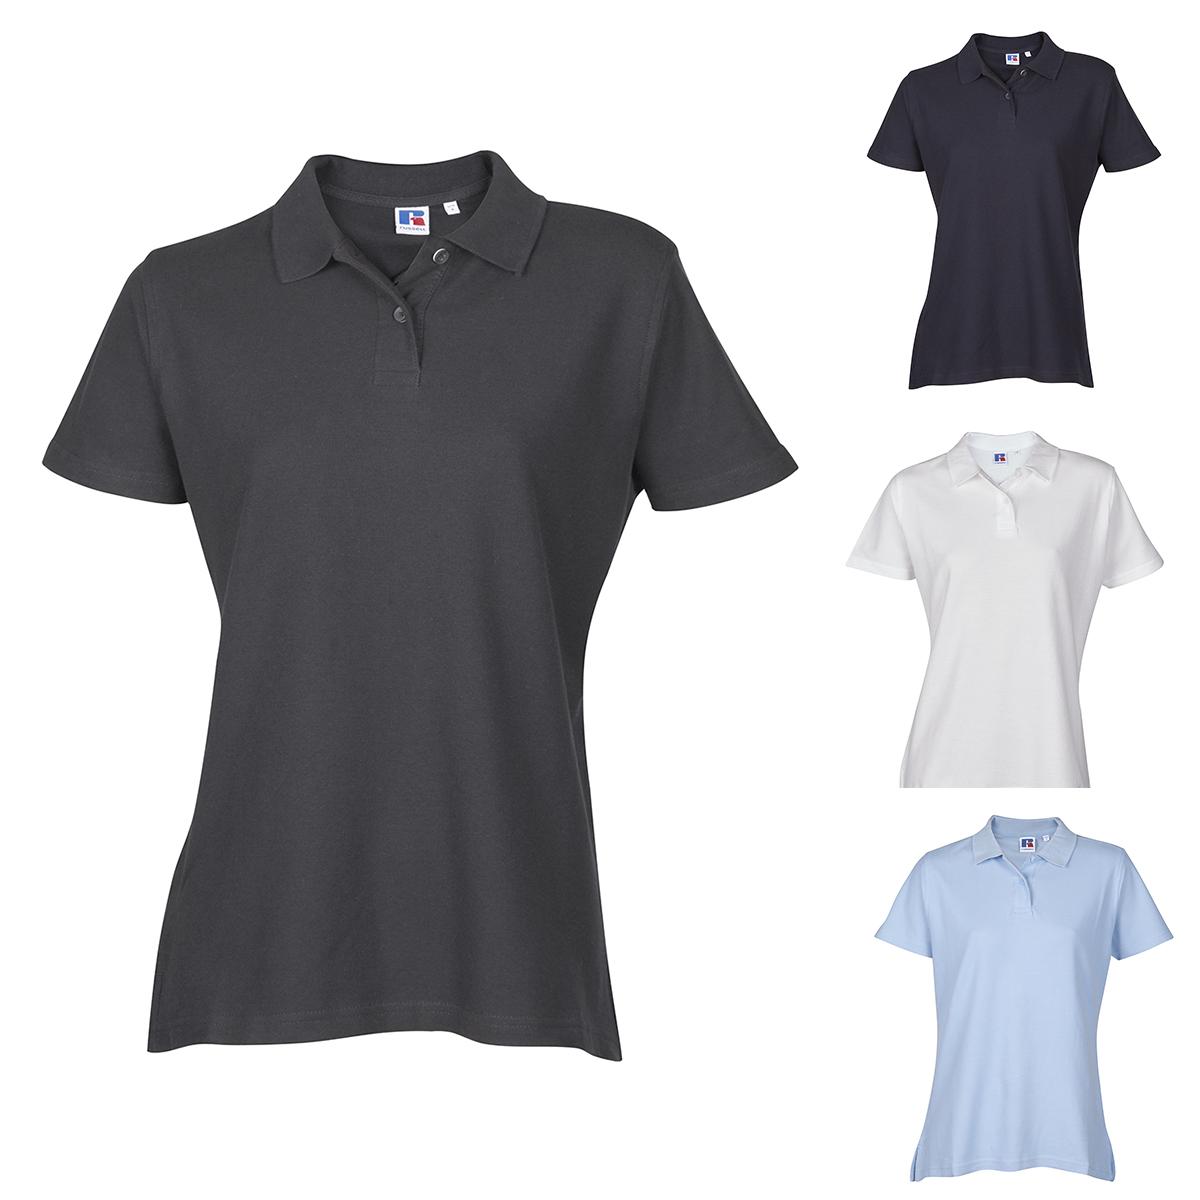 Ladies Womens Polo Tshirt Top Shirt Plain Sports Casual Short Sleeve New  Cotton 1ce7a040da